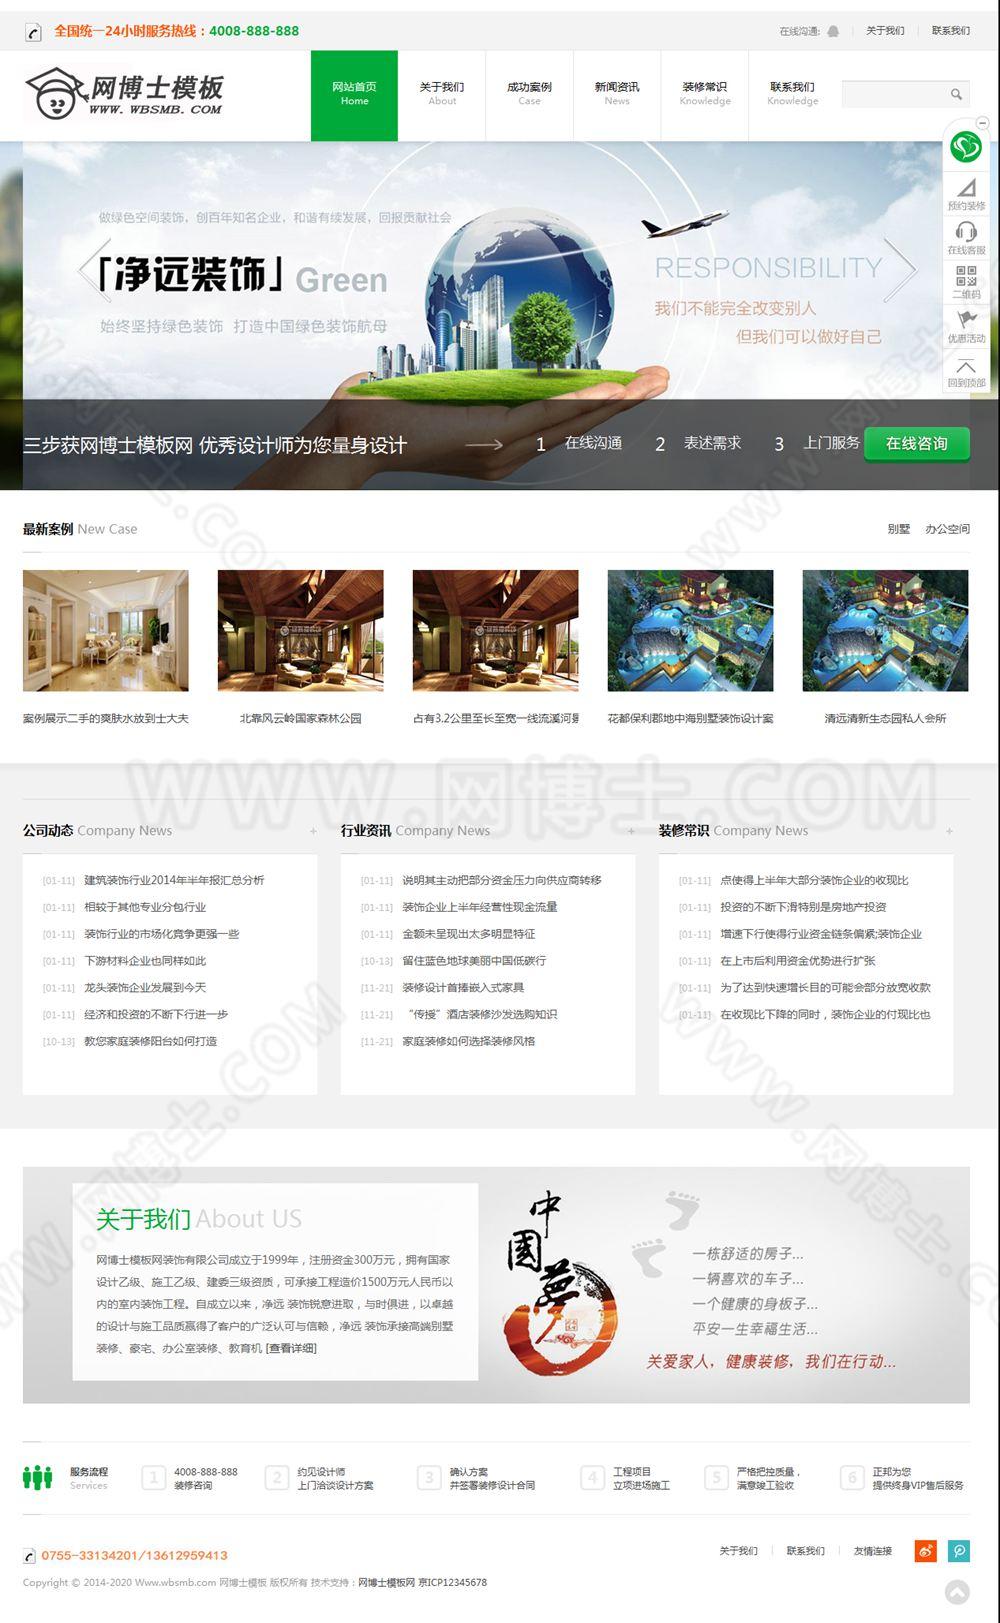 (自适应手机版)HTML5响应式装饰公司网站